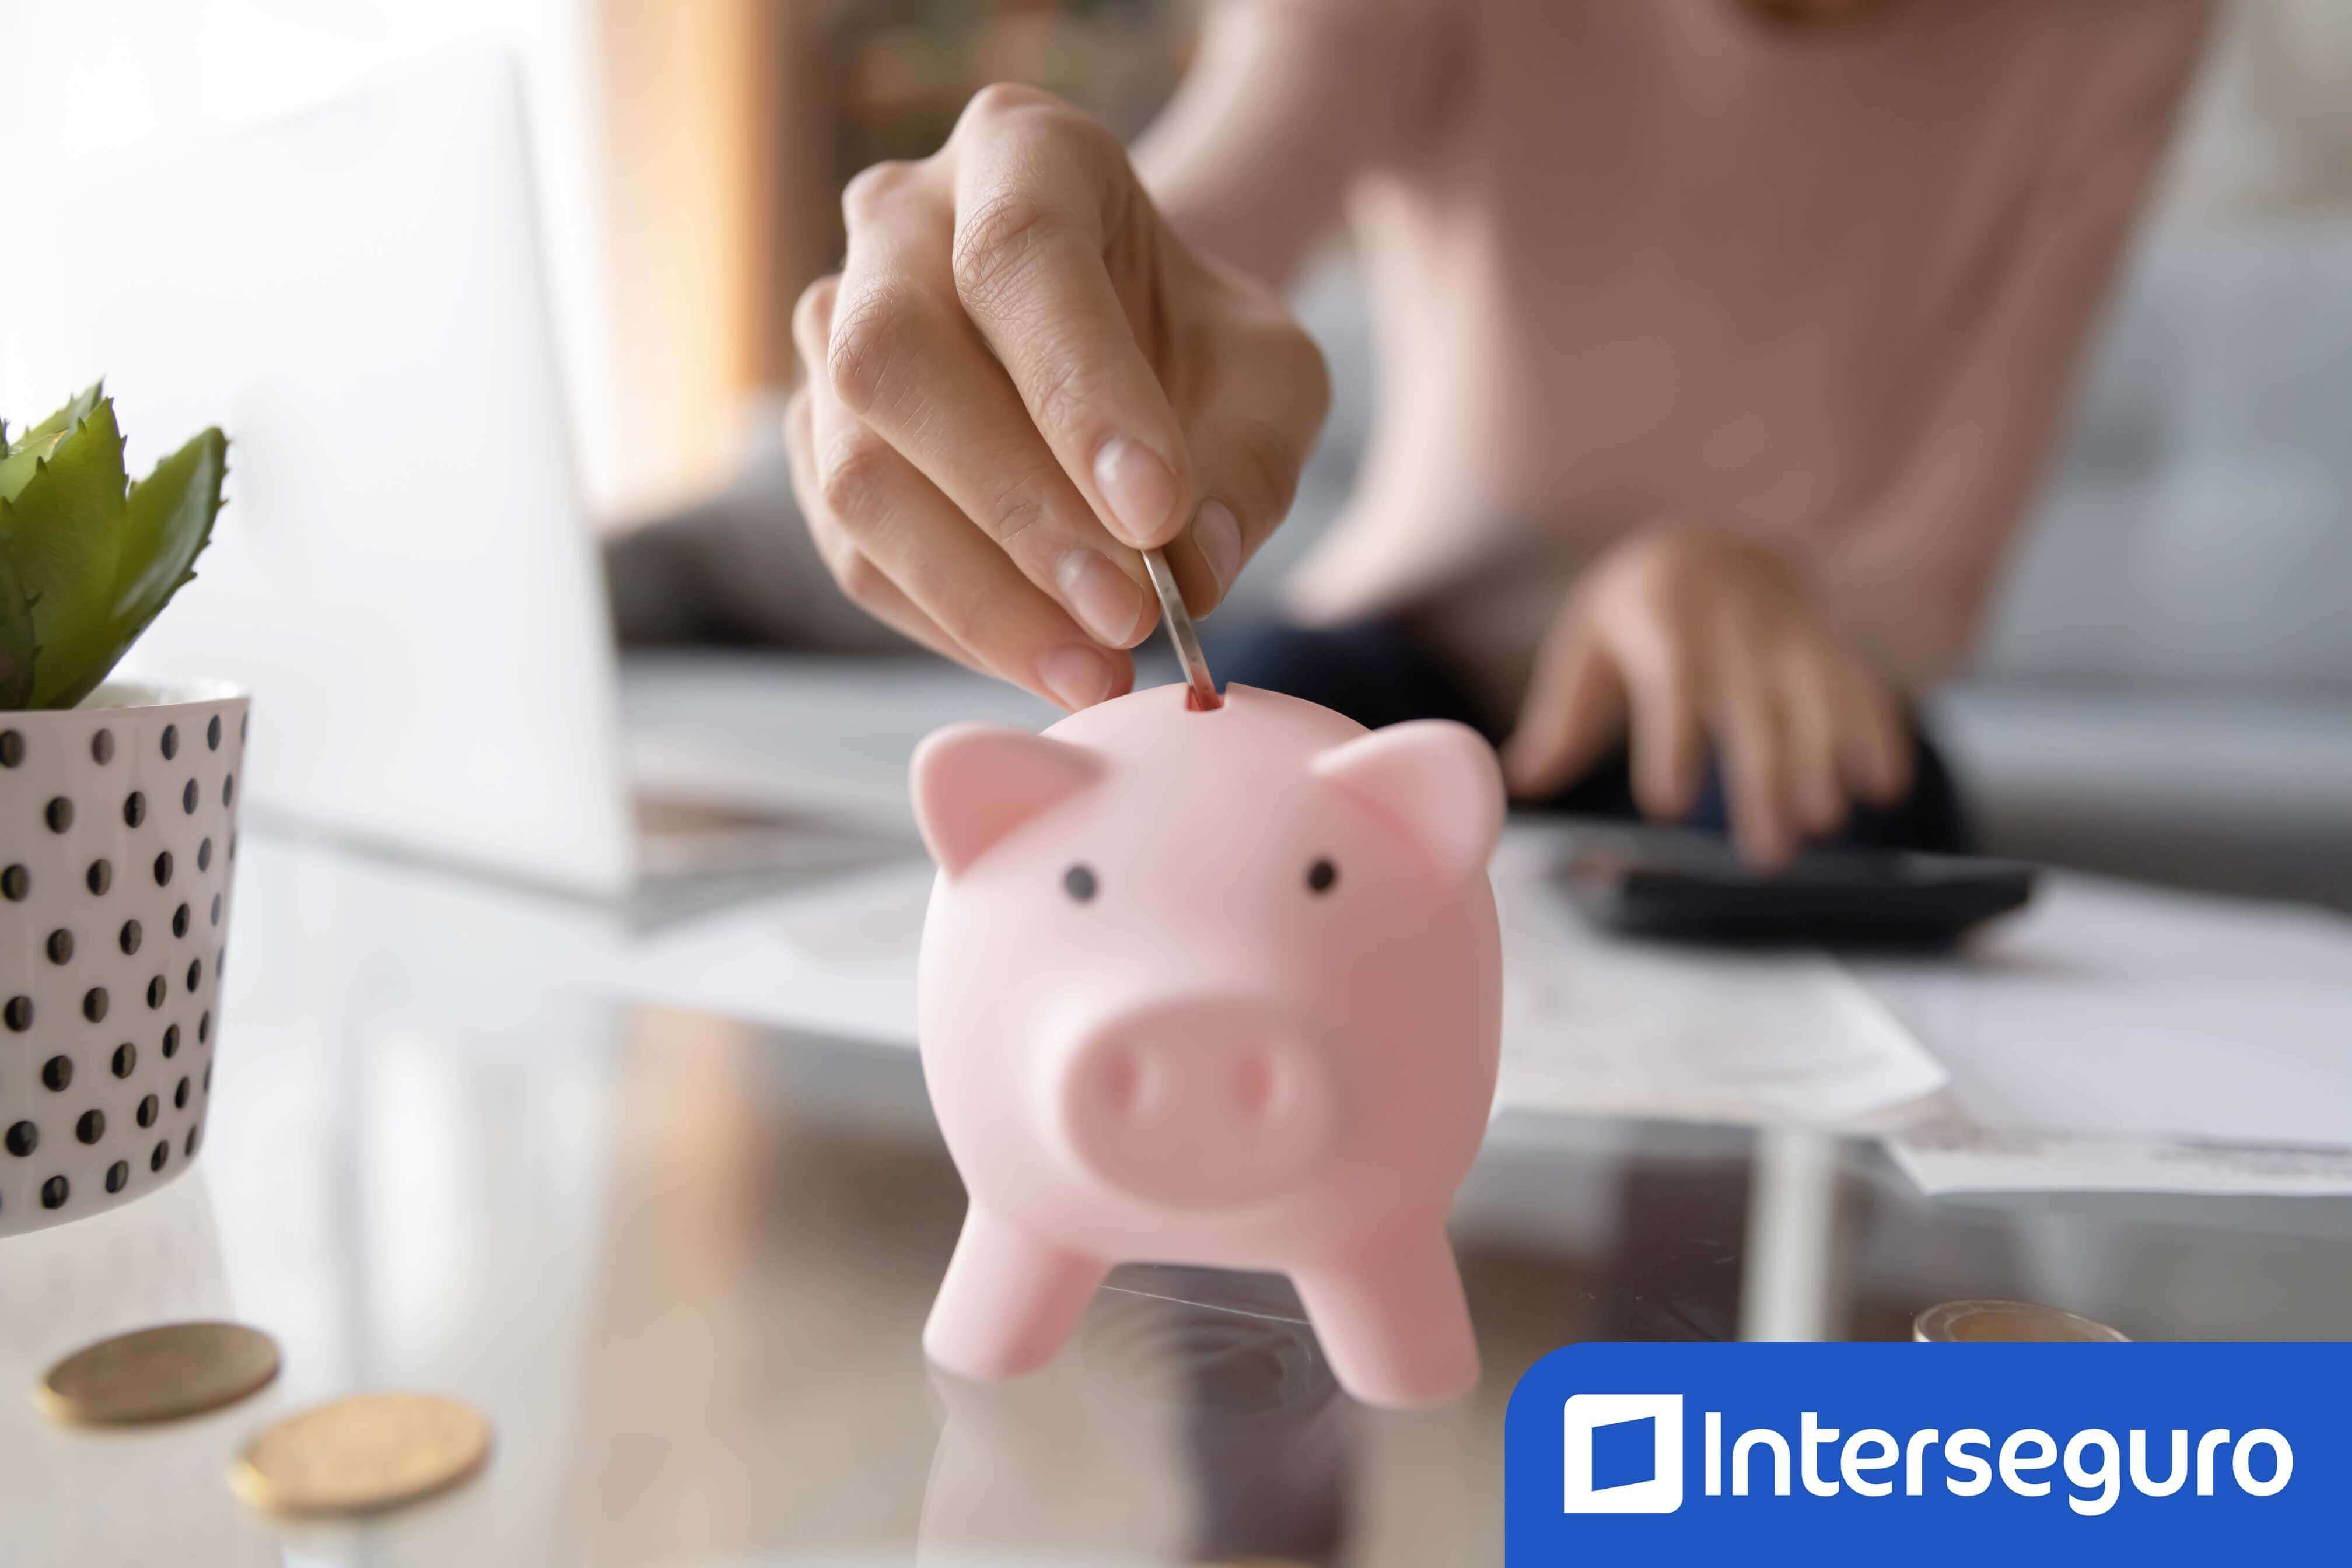 Depósito de ahorro: Mejora tu estilo de vida